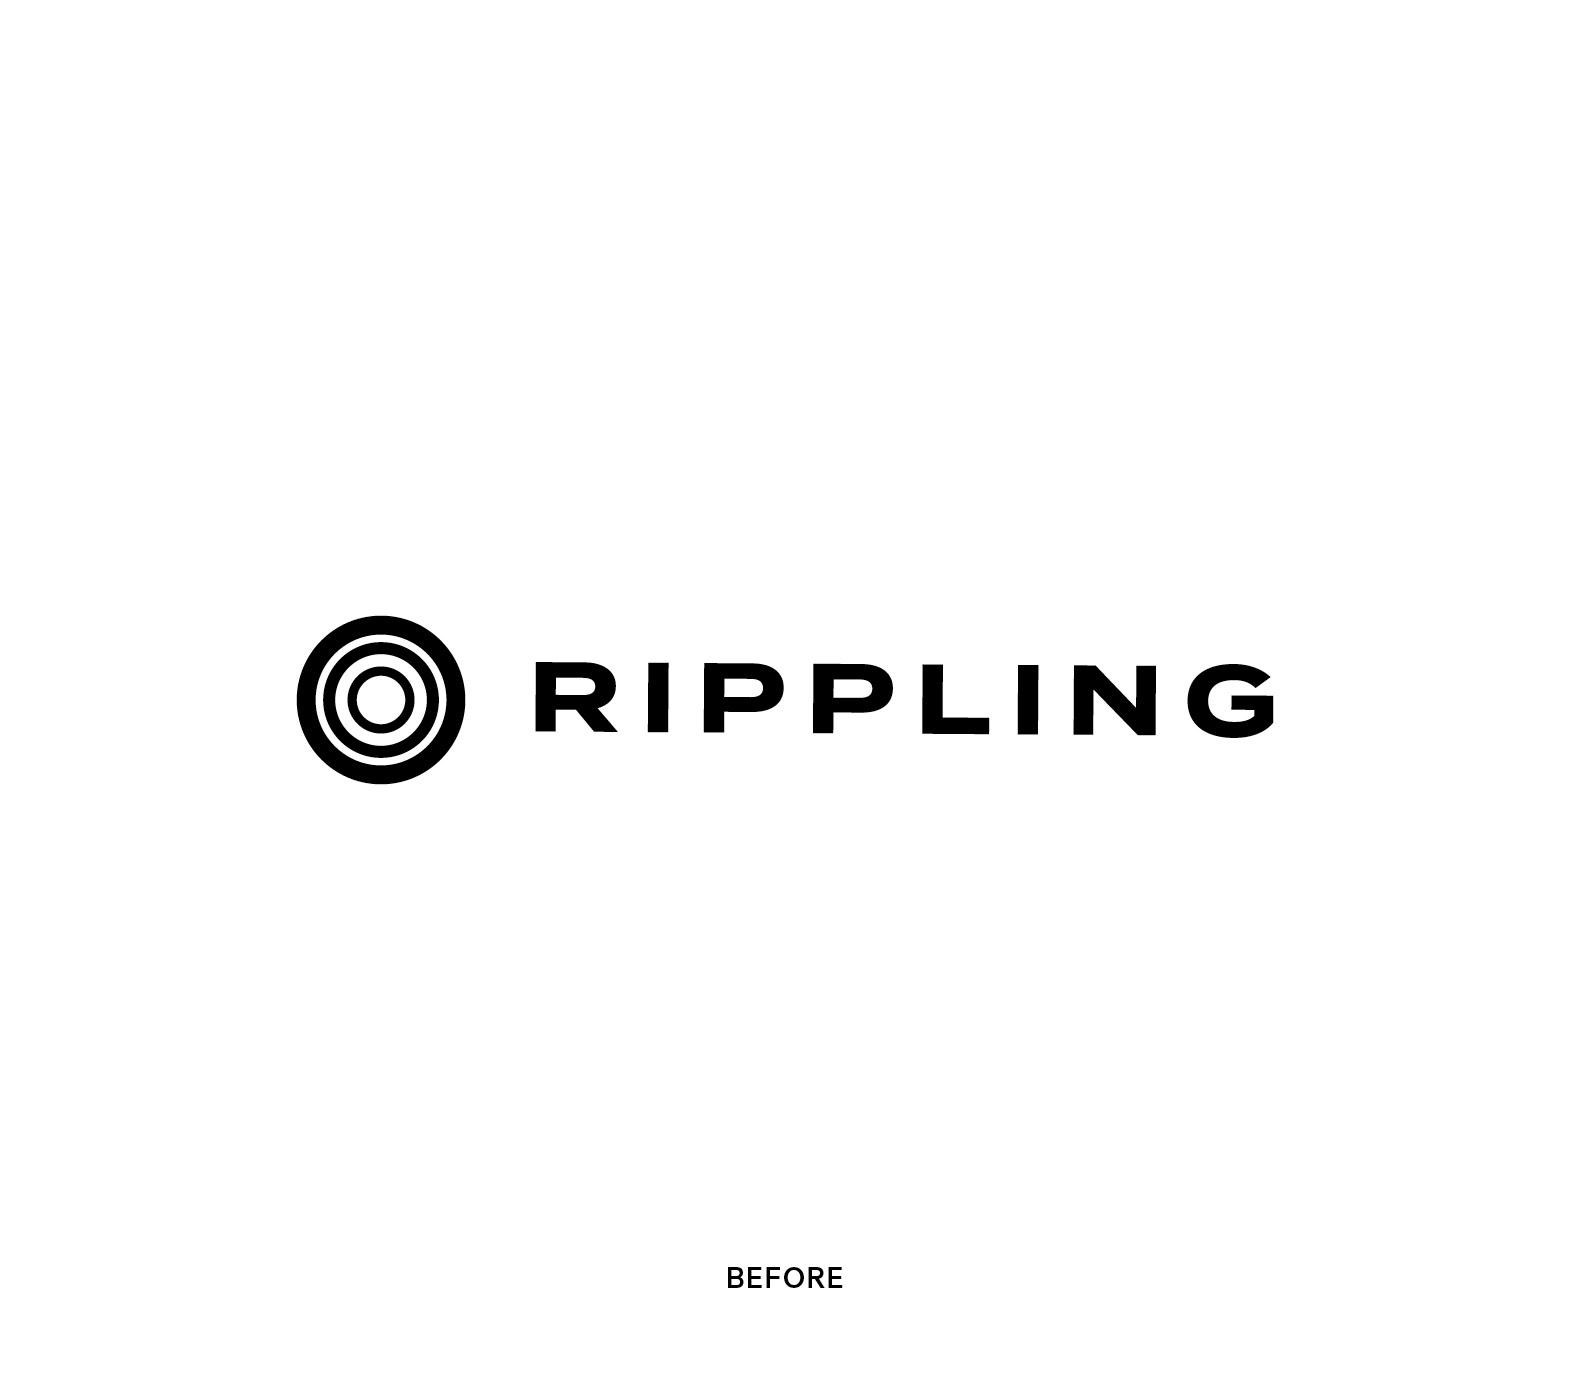 Wiesner.com_Cases_Rippling_Logo